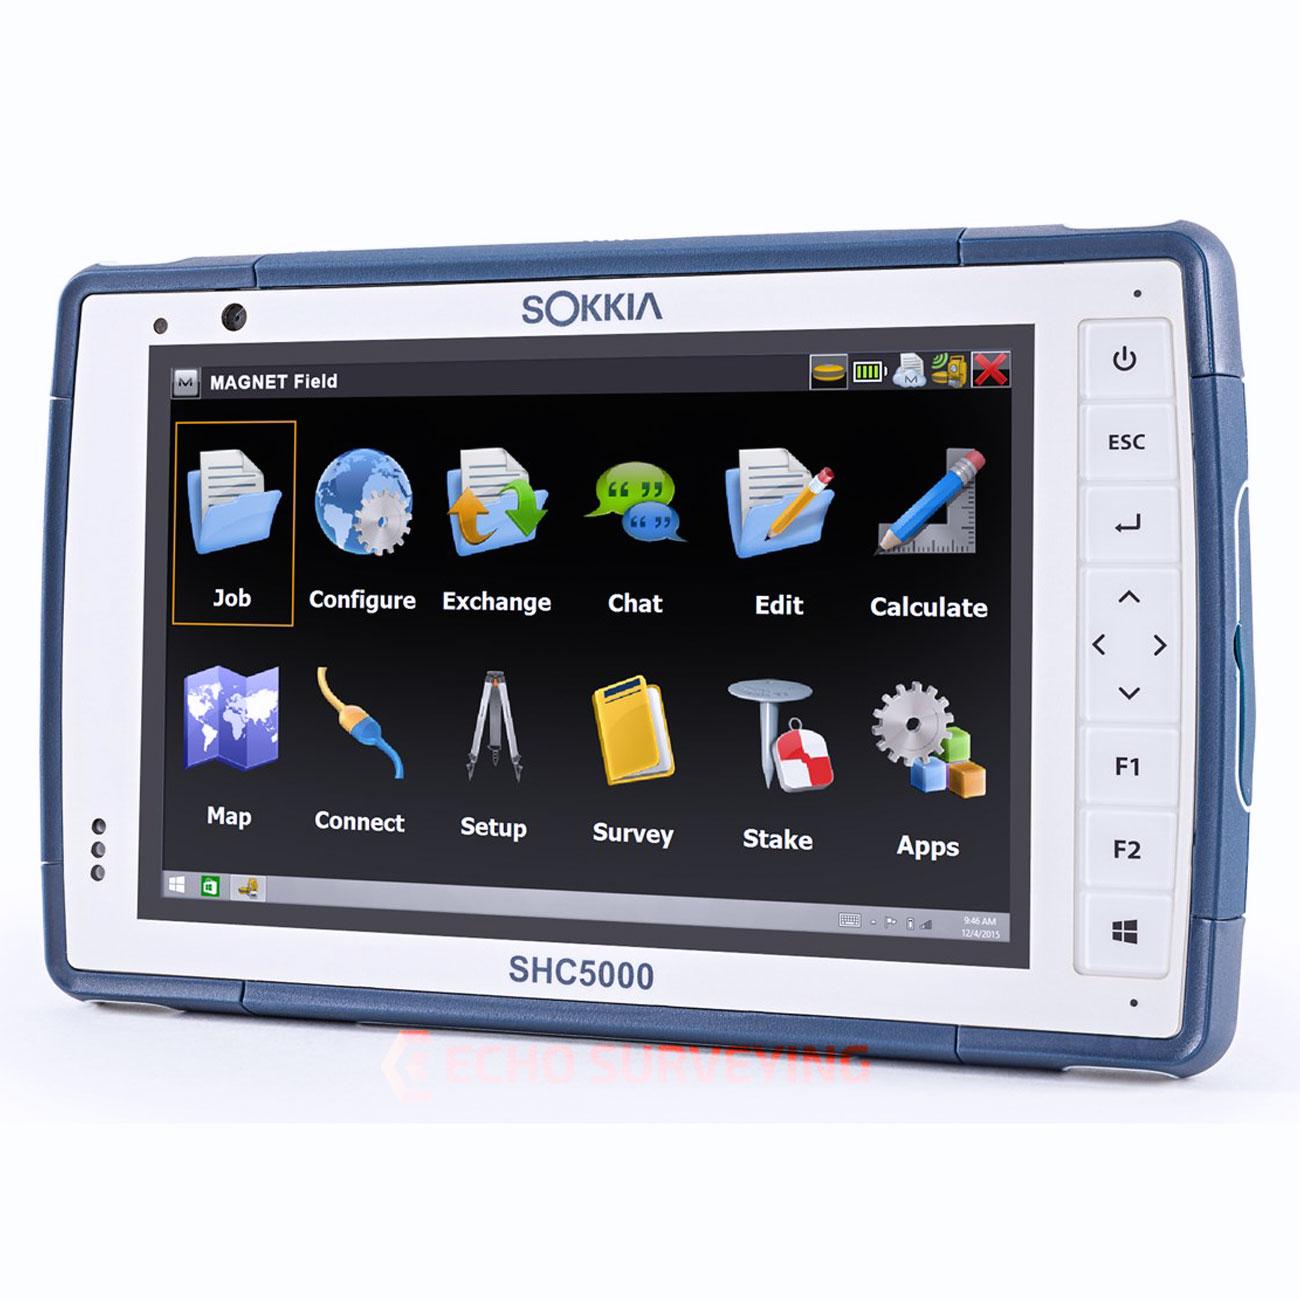 Sokkia-SHC5000-Data-Collector.jpg